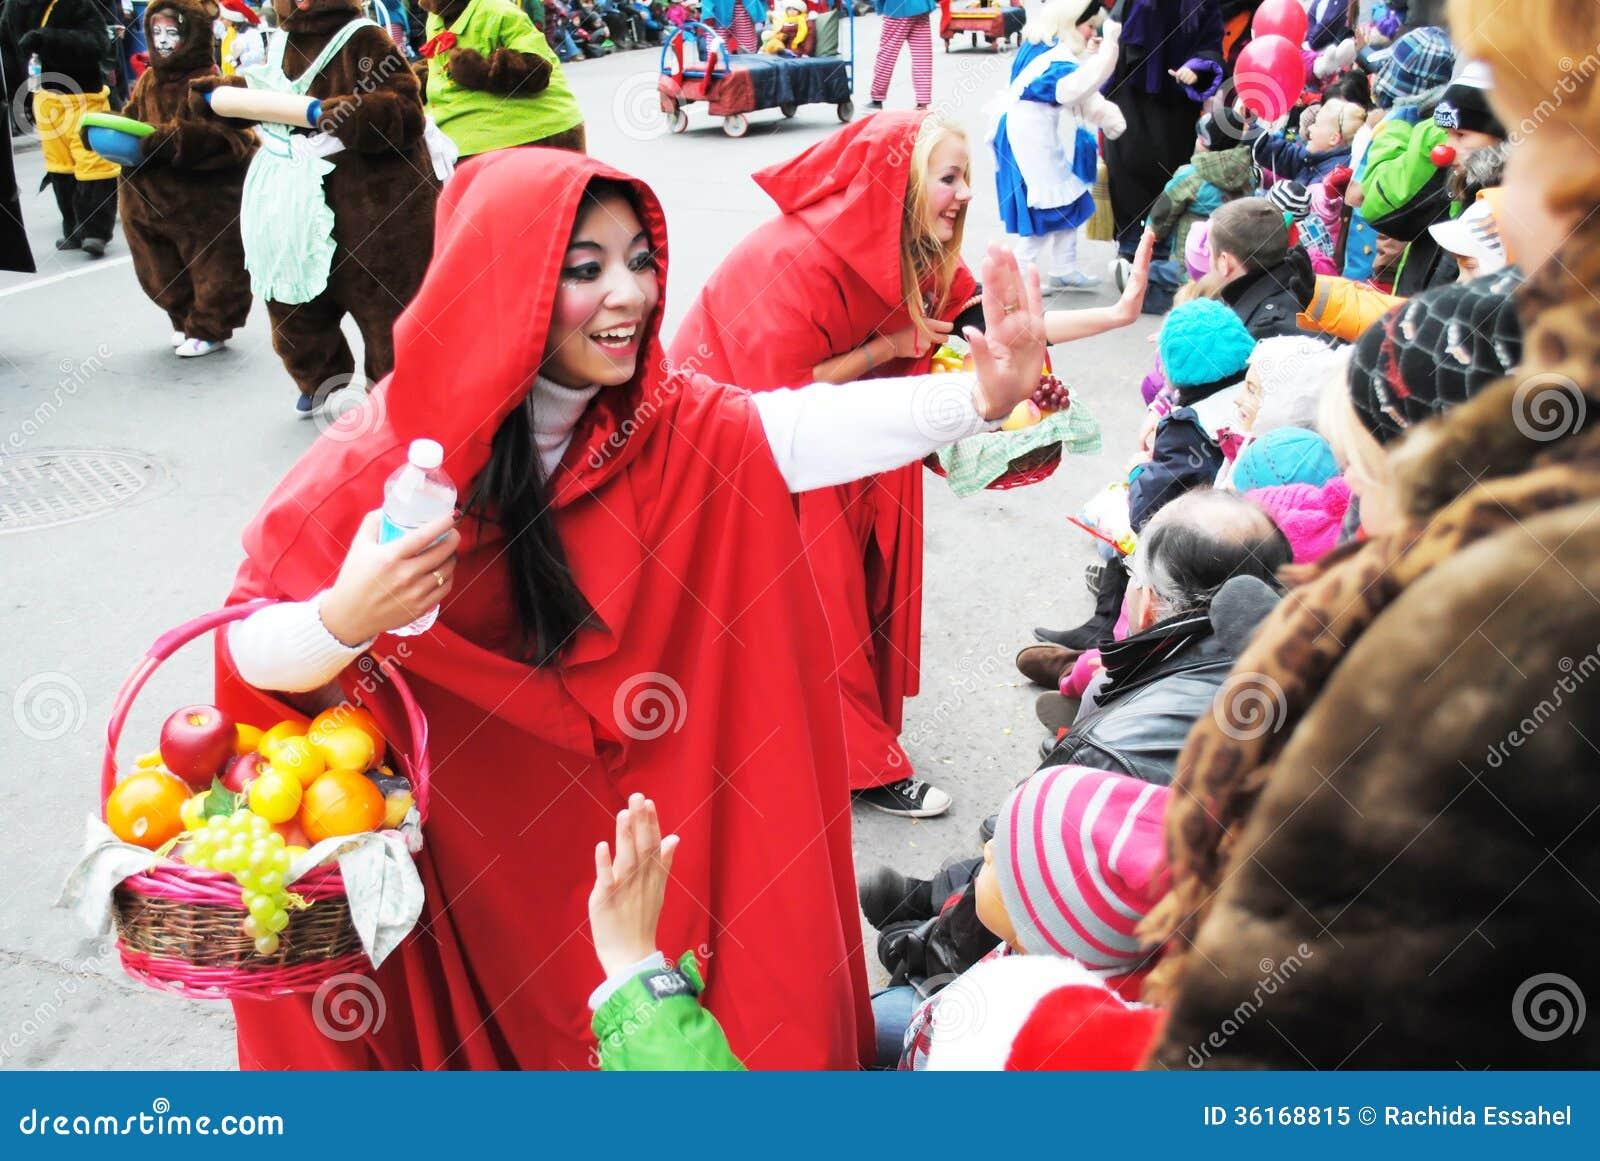 Festival de Santa clous à Montréal